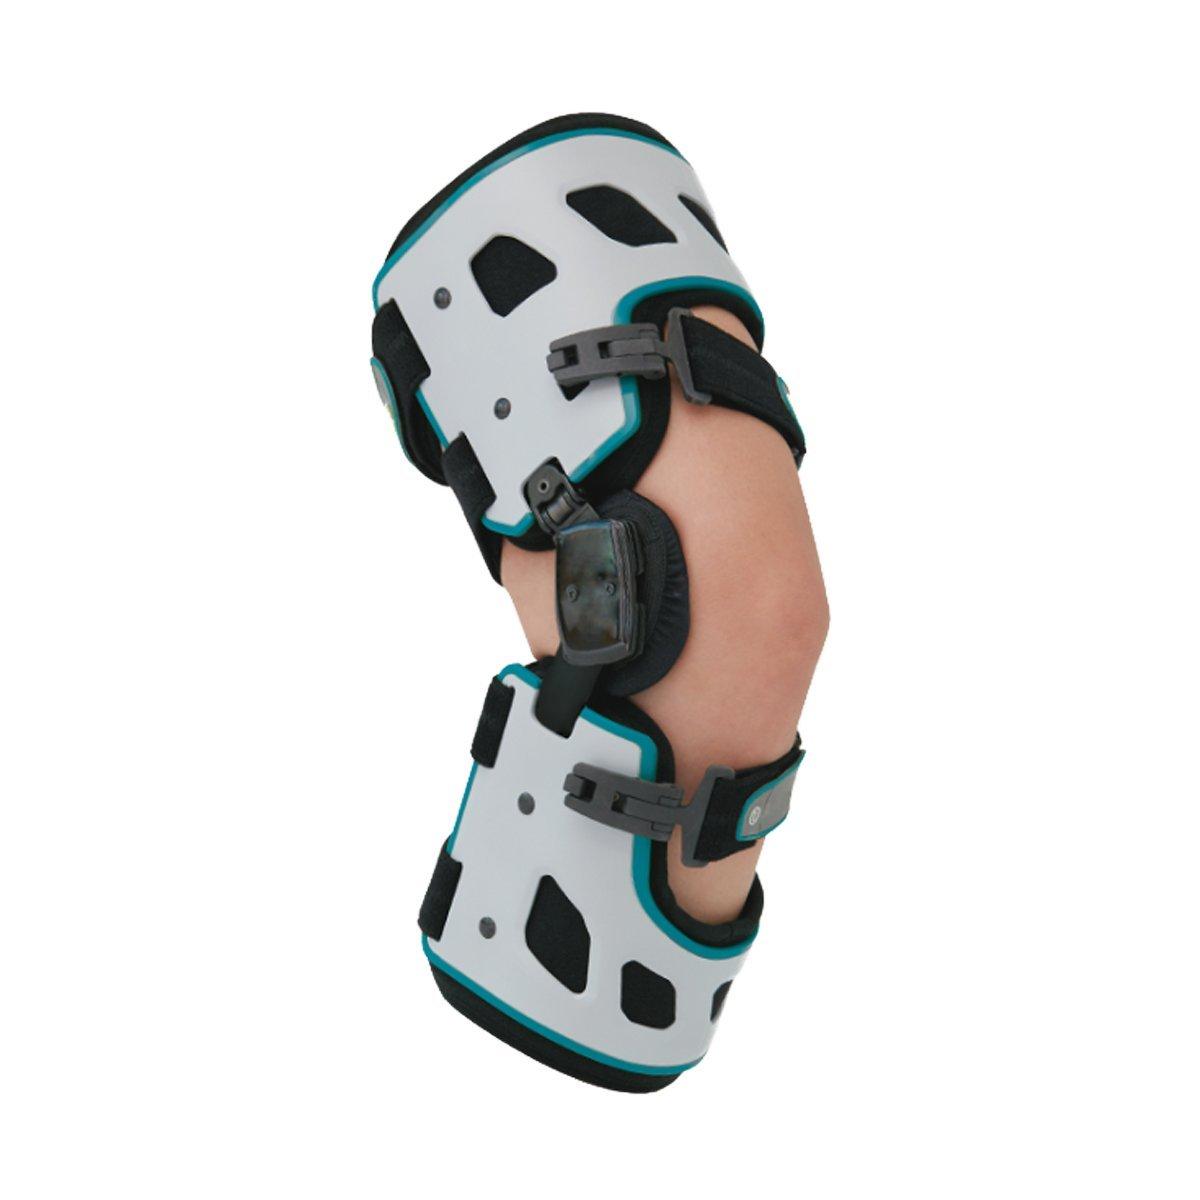 Orthomen OA Unloader Knee Brace For Osteoarthritis - Medial - Universal (Left)